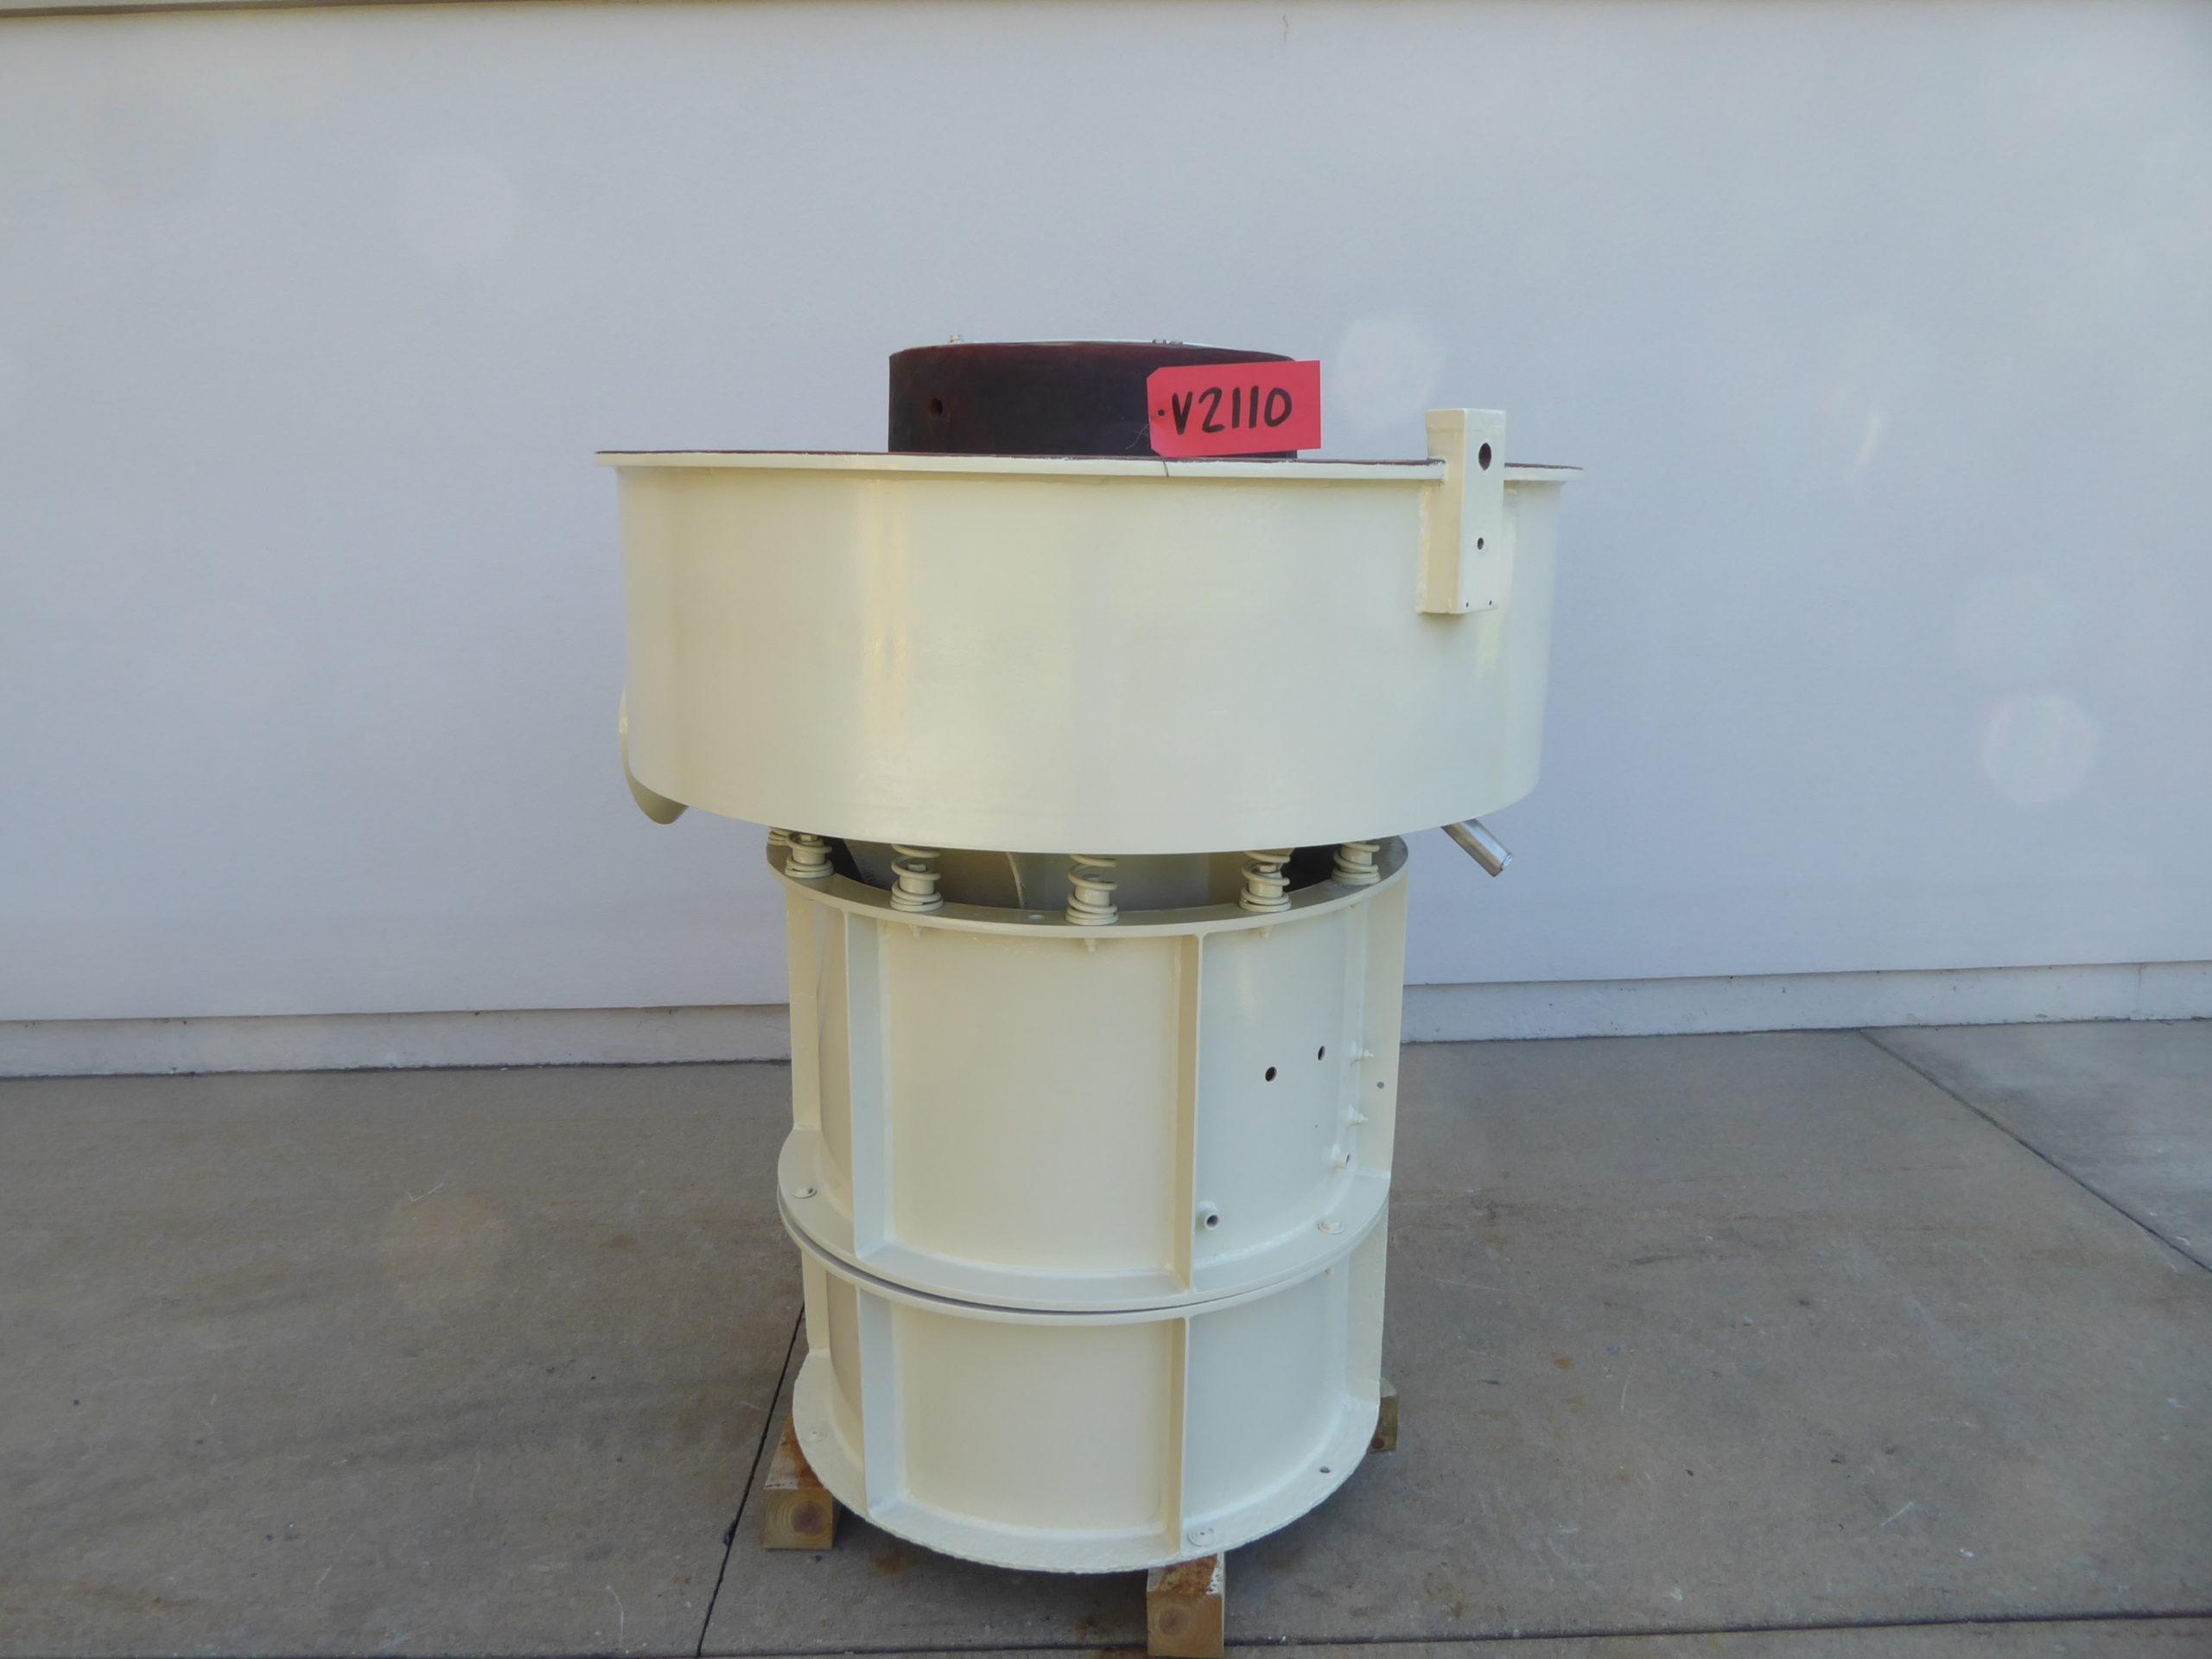 Used Vibratory / Polishing - Sweco 10 Cu Ft Vibratory Bowl V2110-Vibrators, Tumblers, Polishing